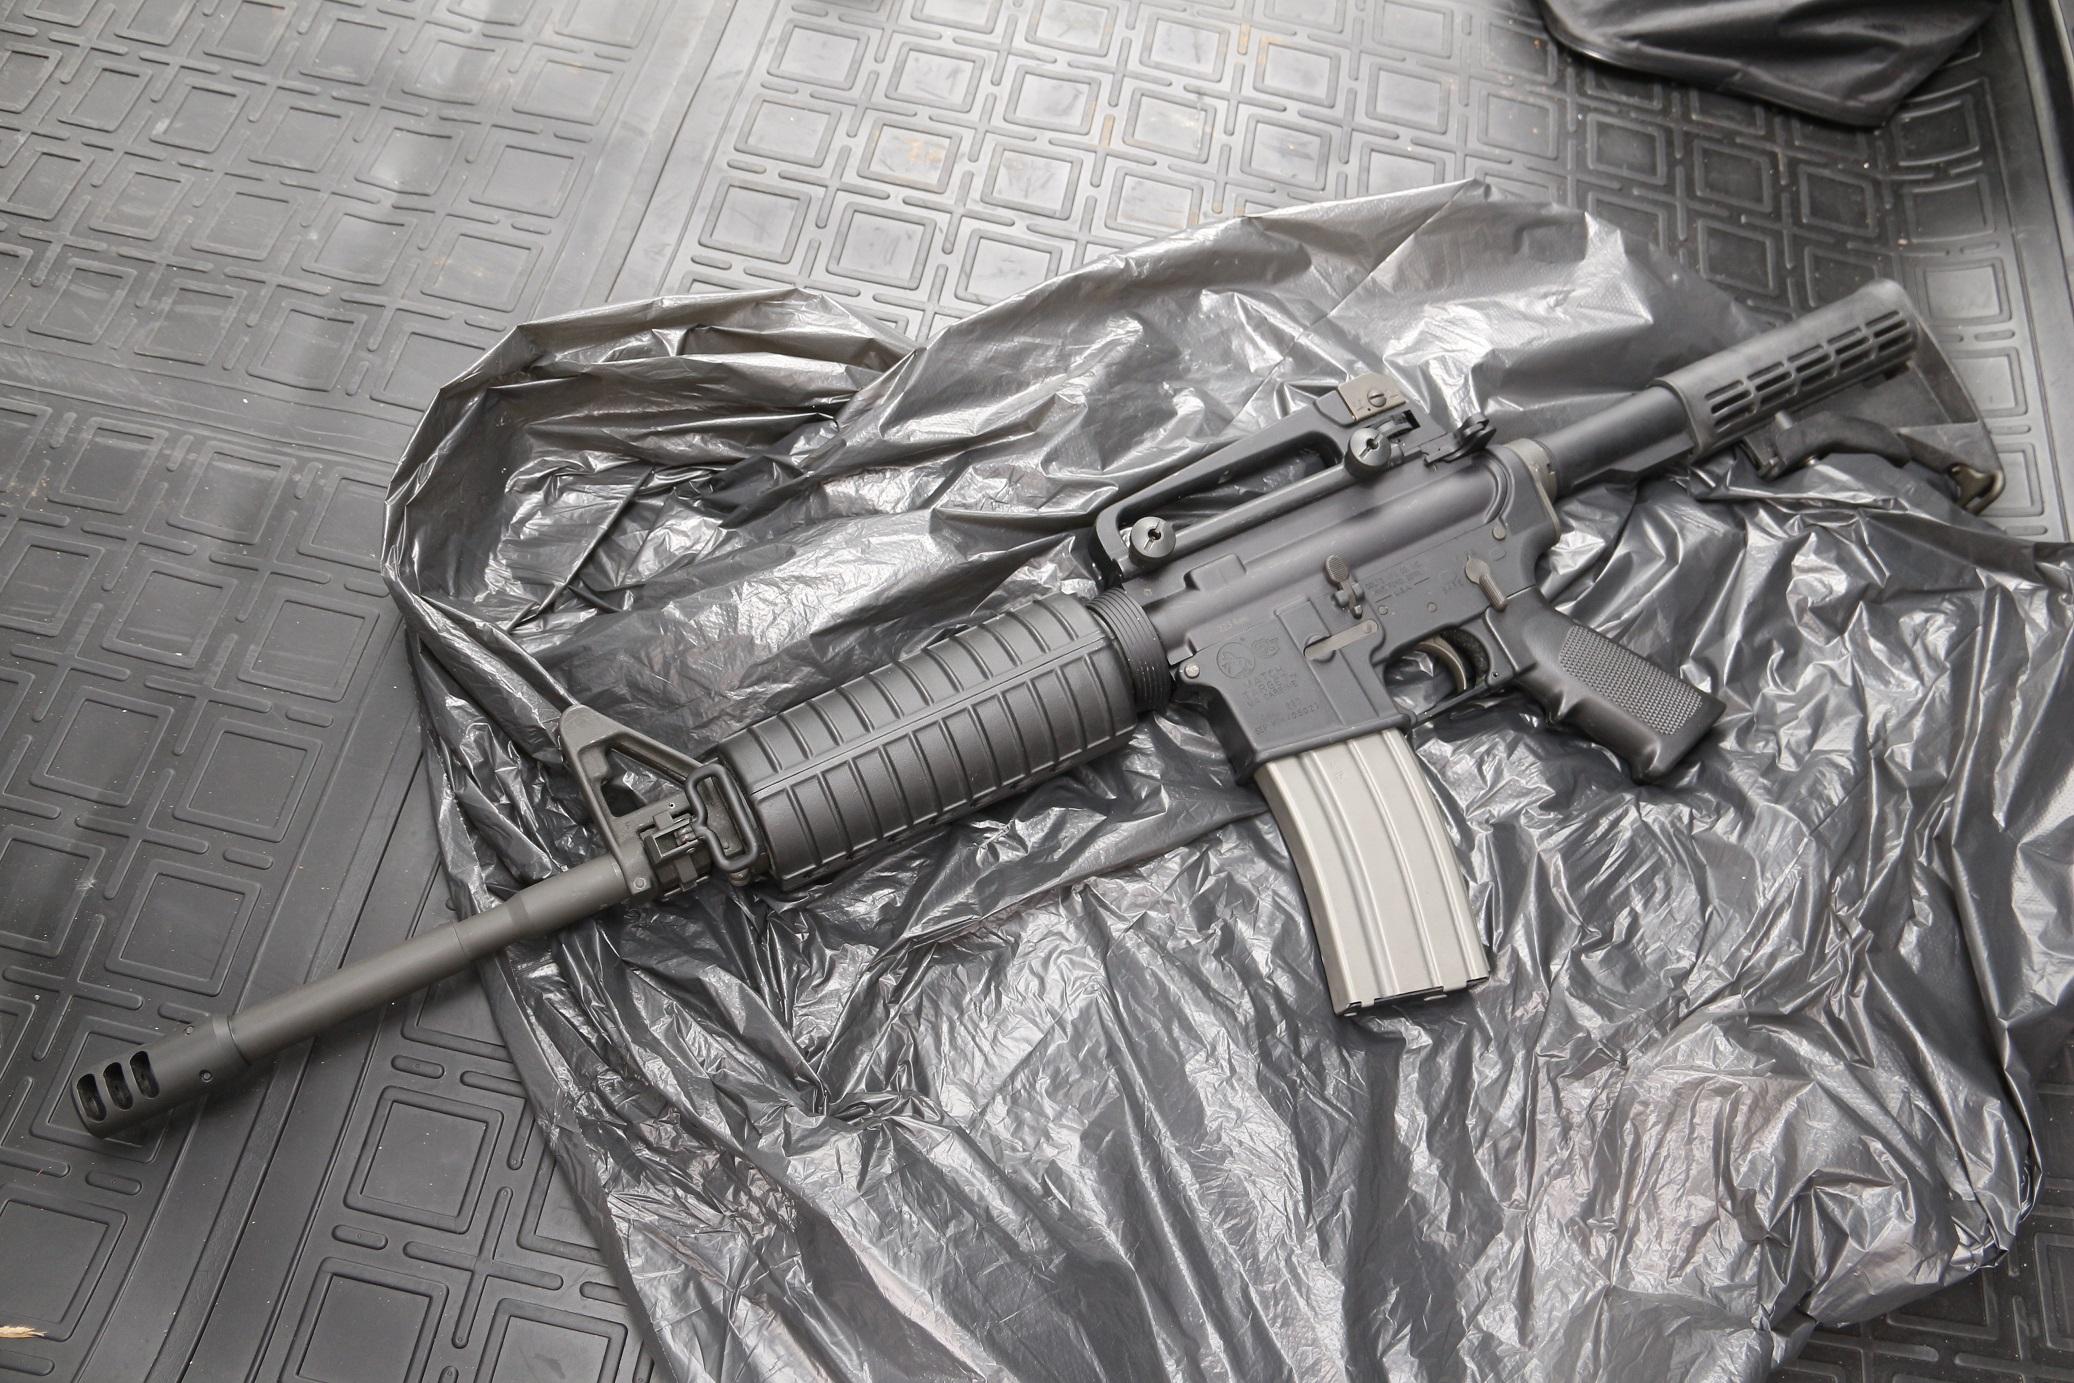 Американская винтовка Carbine M4 Colt #405021, редкость